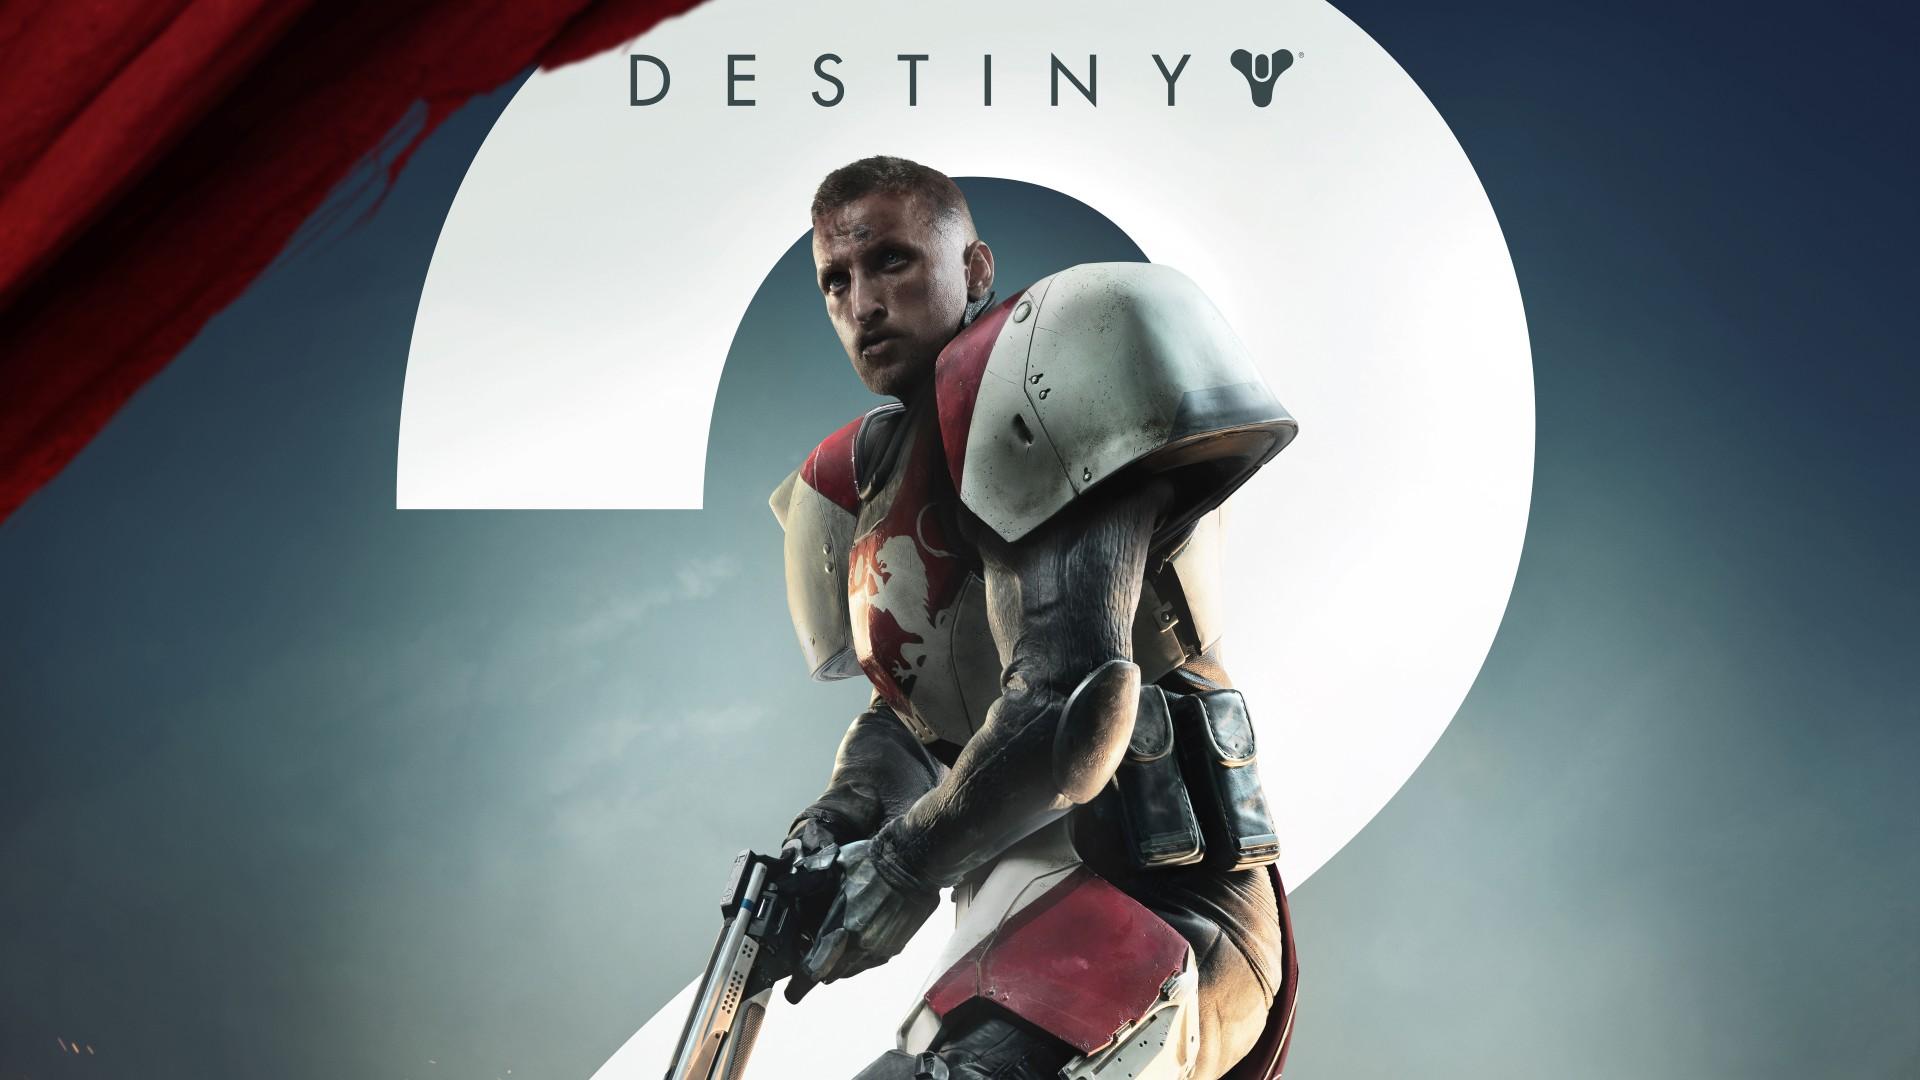 Wallpapers De Destiny 2